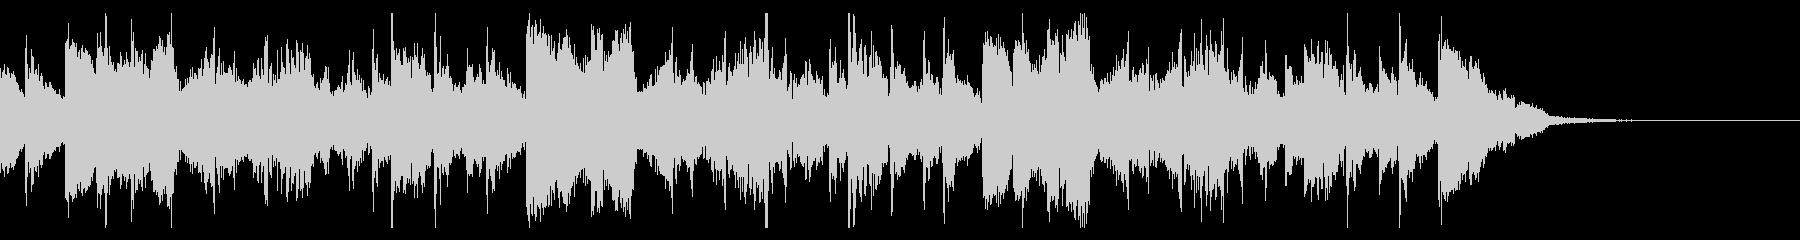 不気味なアラビアン調のアングラ系サウンドの未再生の波形